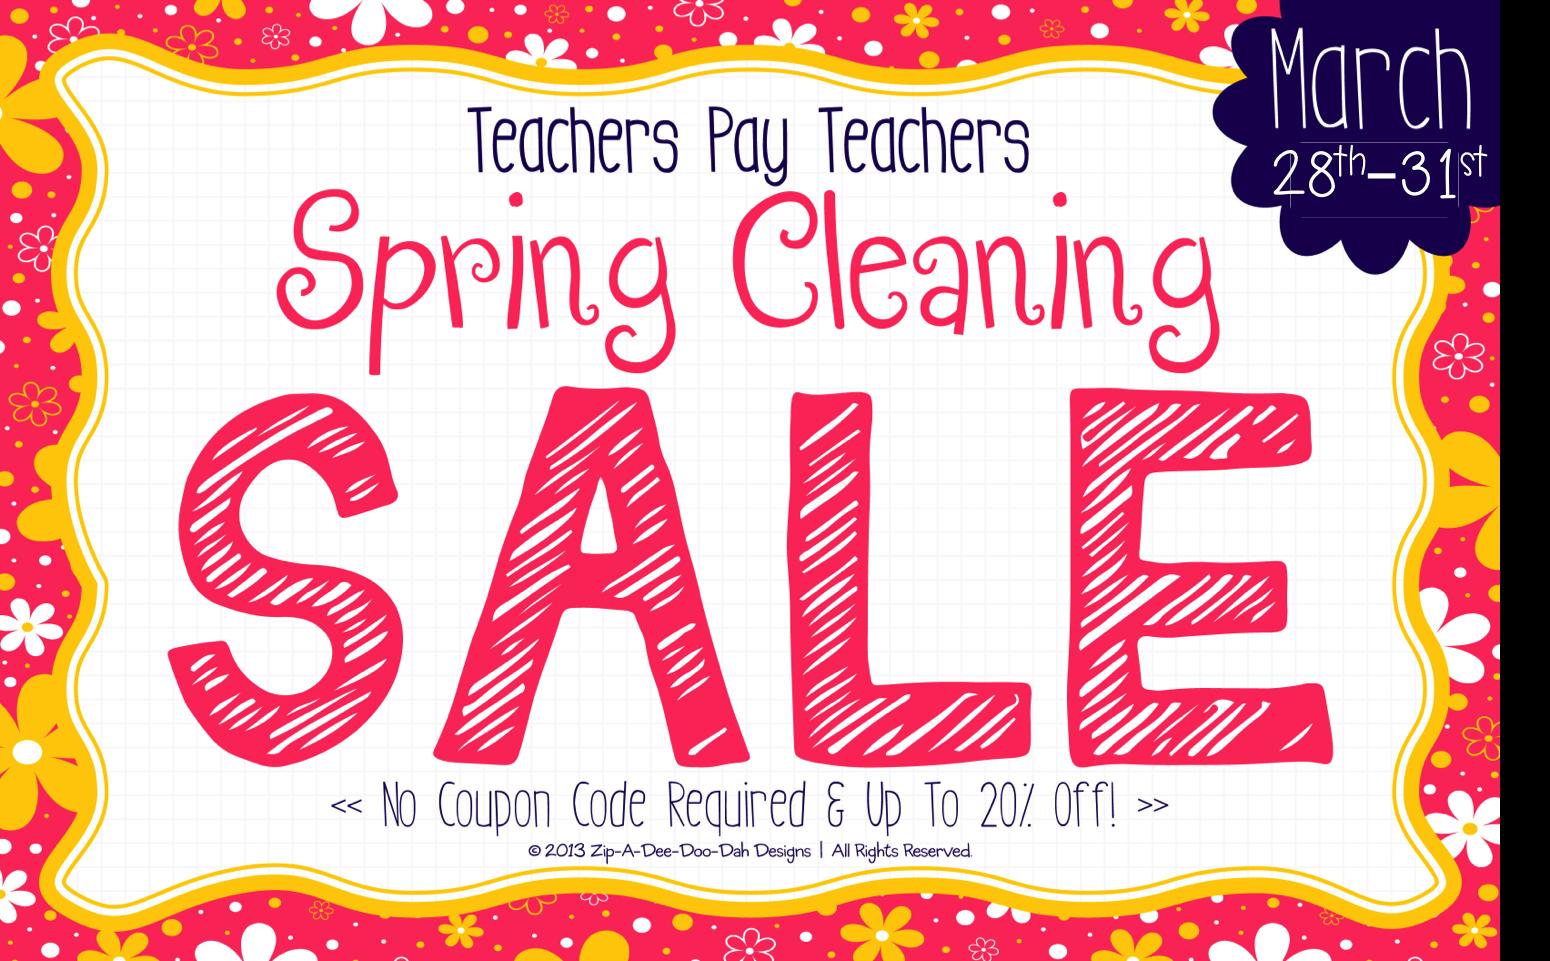 http://www.teacherspayteachers.com/Store/Deanna-Jump-11